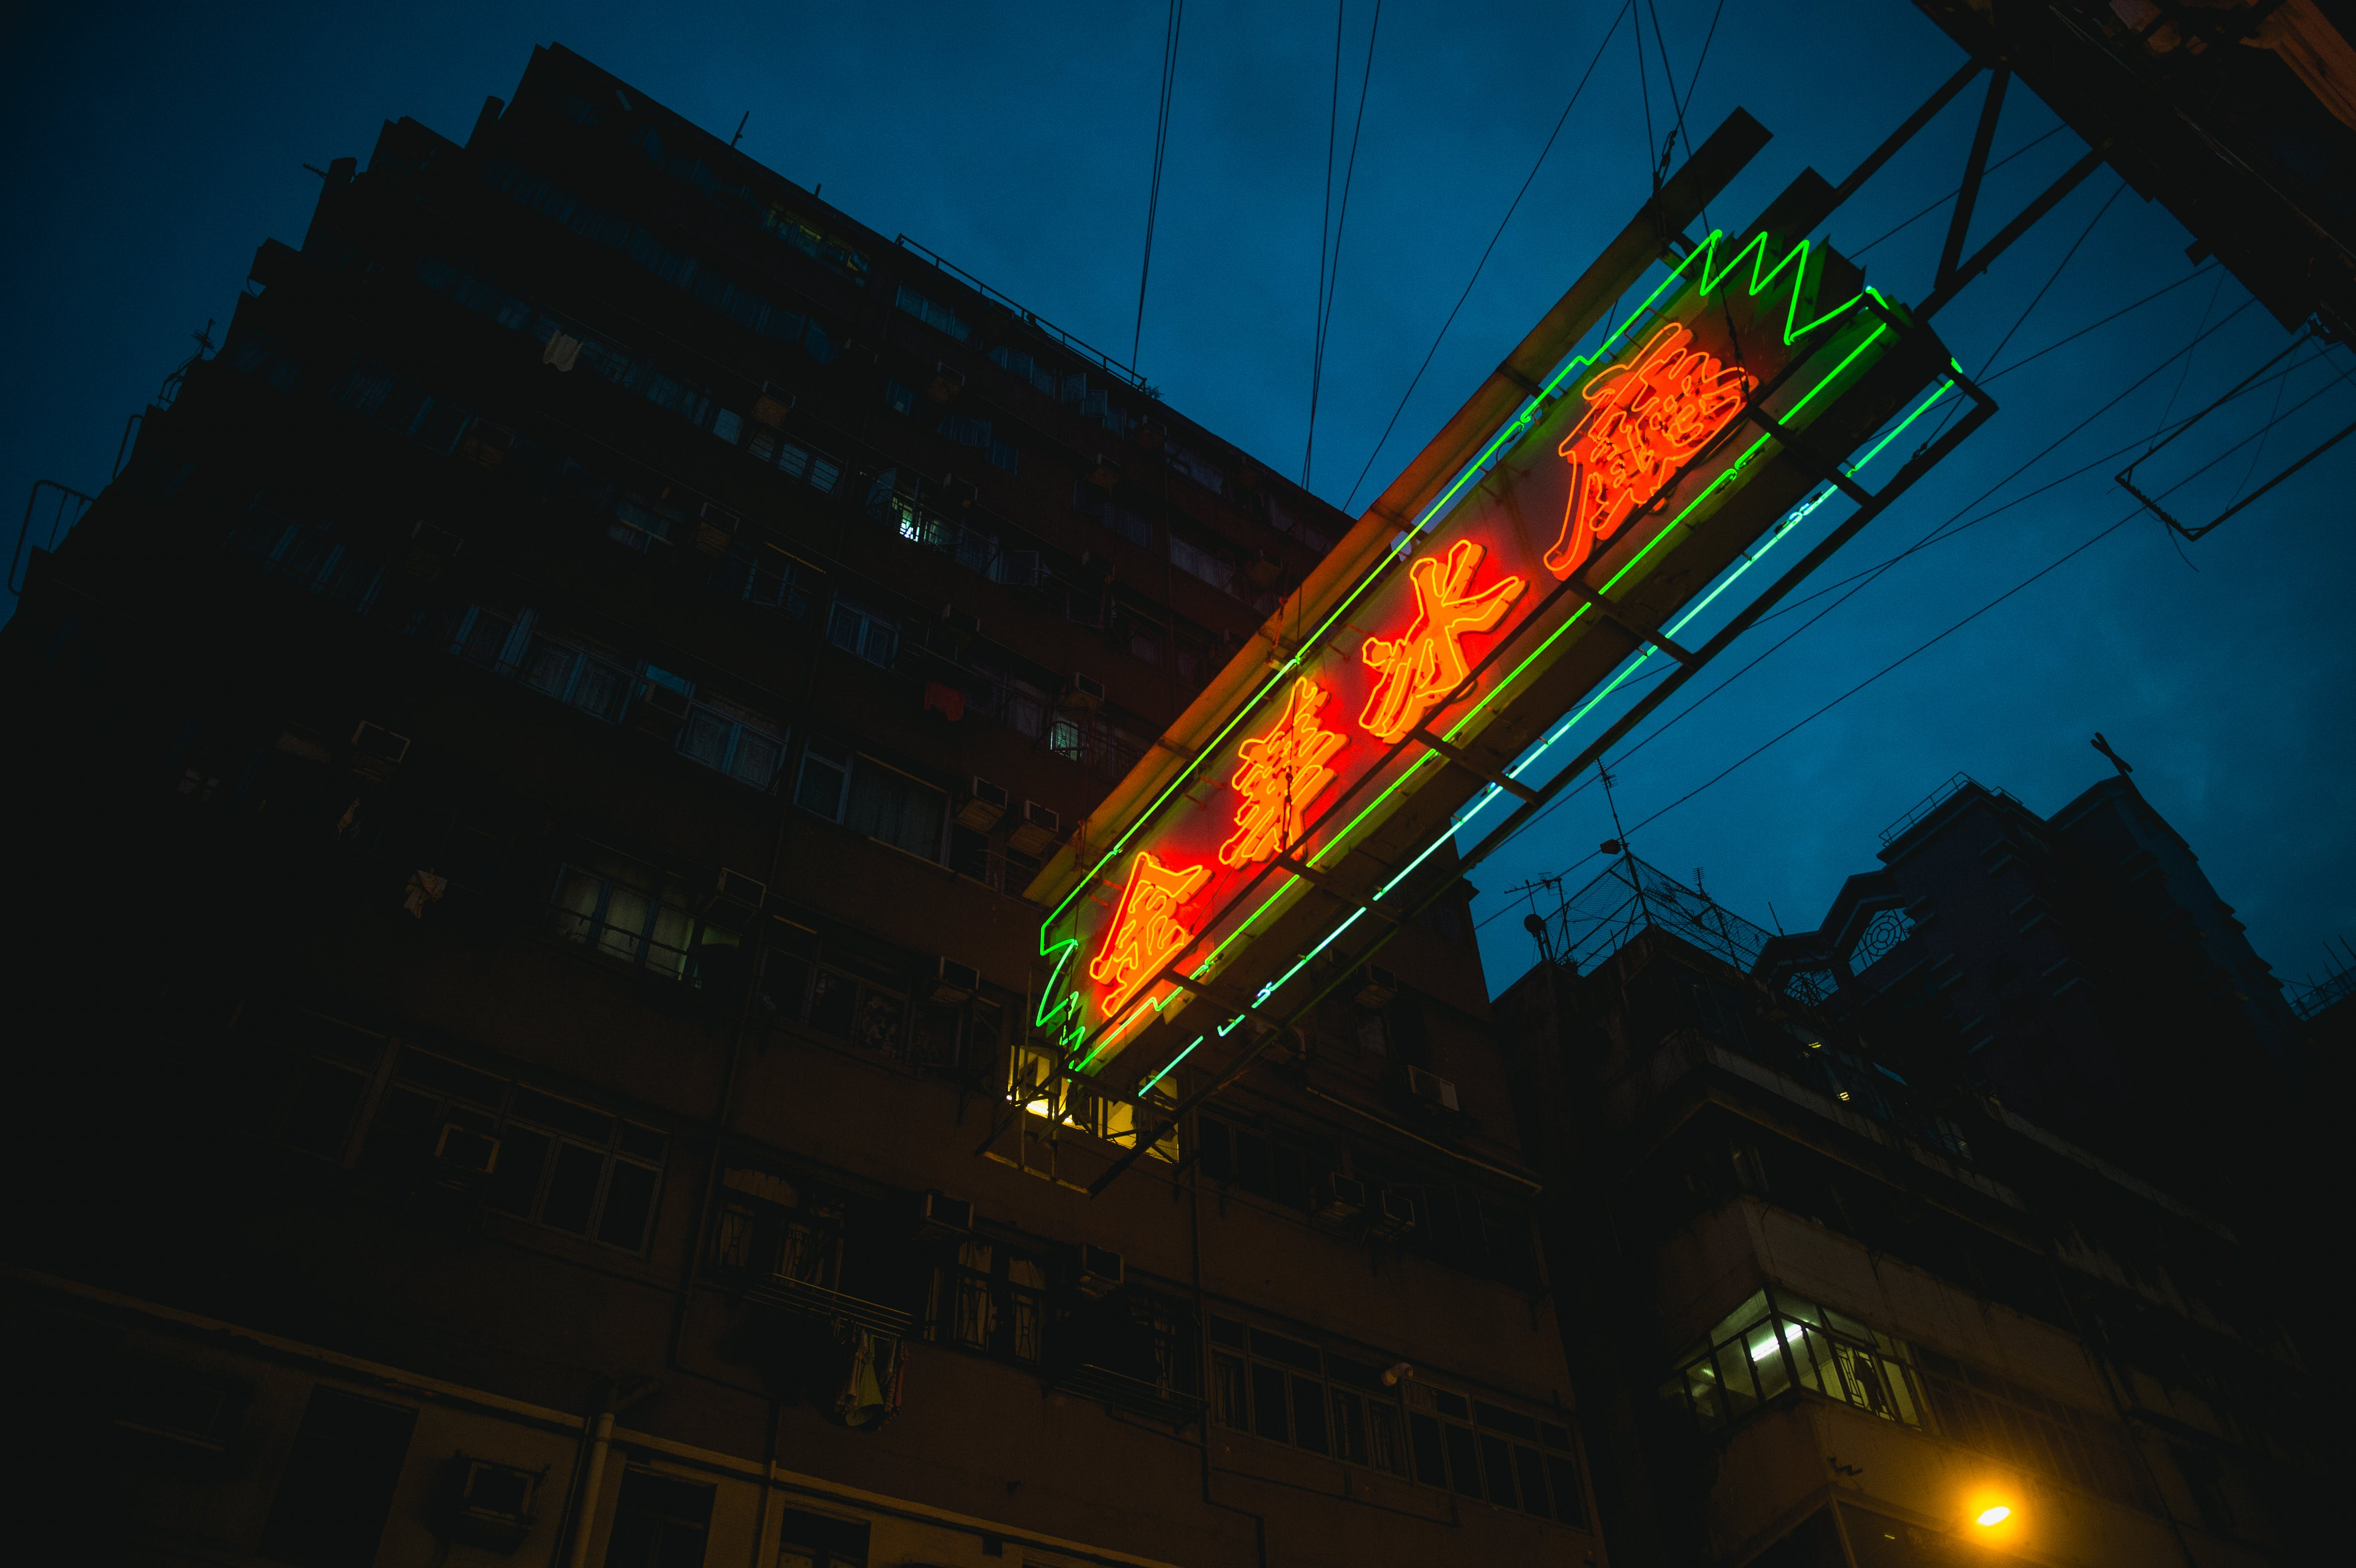 ぼかし, エネルギー, シティ, ダウンタウンの無料の写真素材